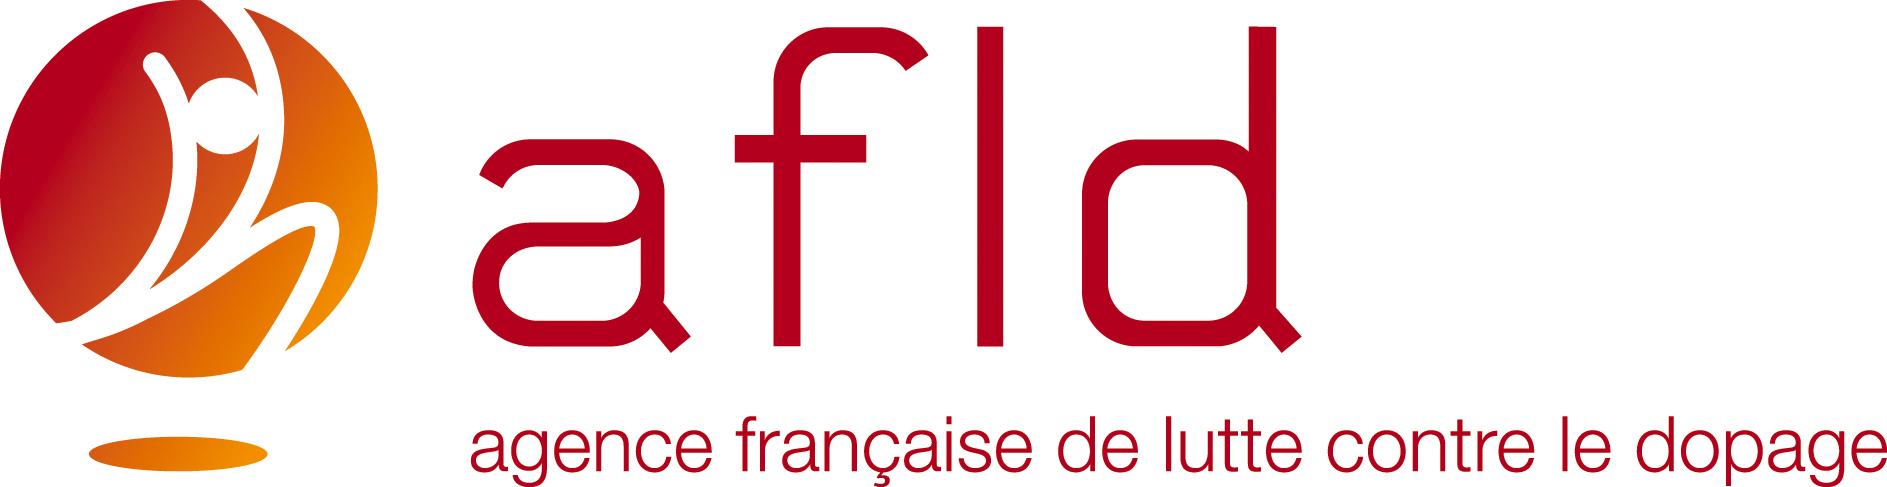 L'agence française de lutte contre le dopage publie son rapport d'activité 2018